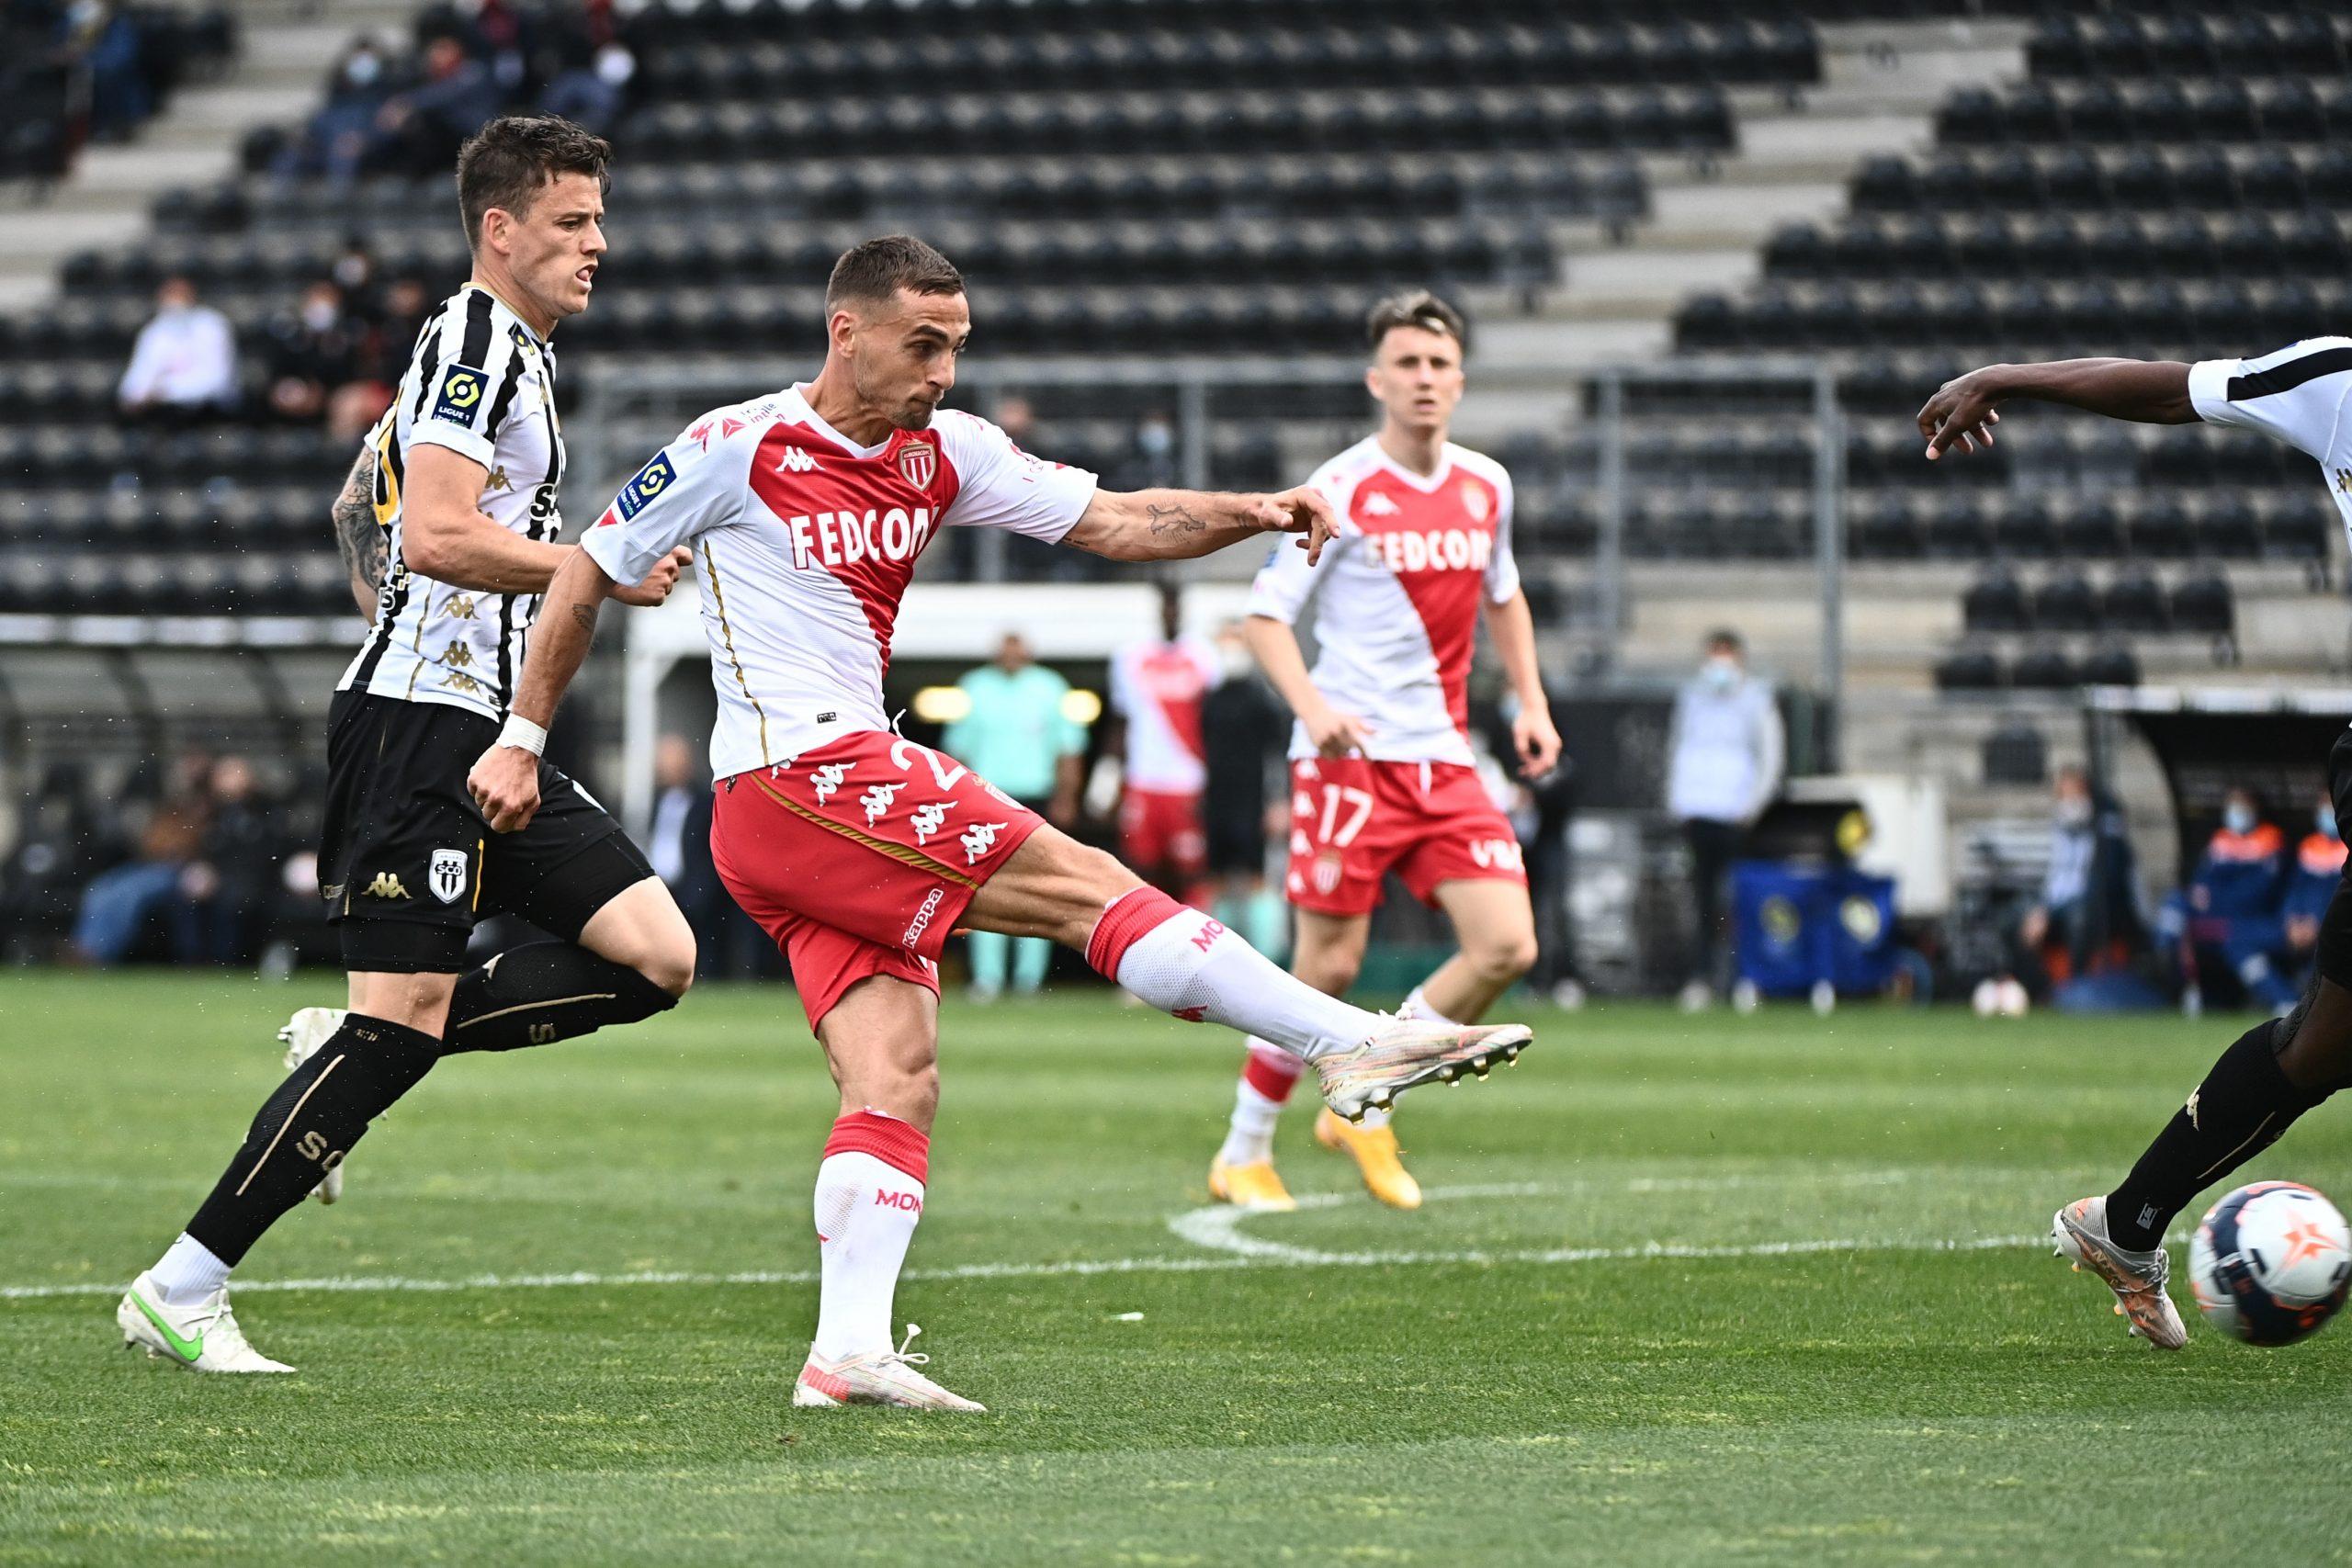 Ligue 1 - Monaco s'impose à Angers et passe provisoirement 2e